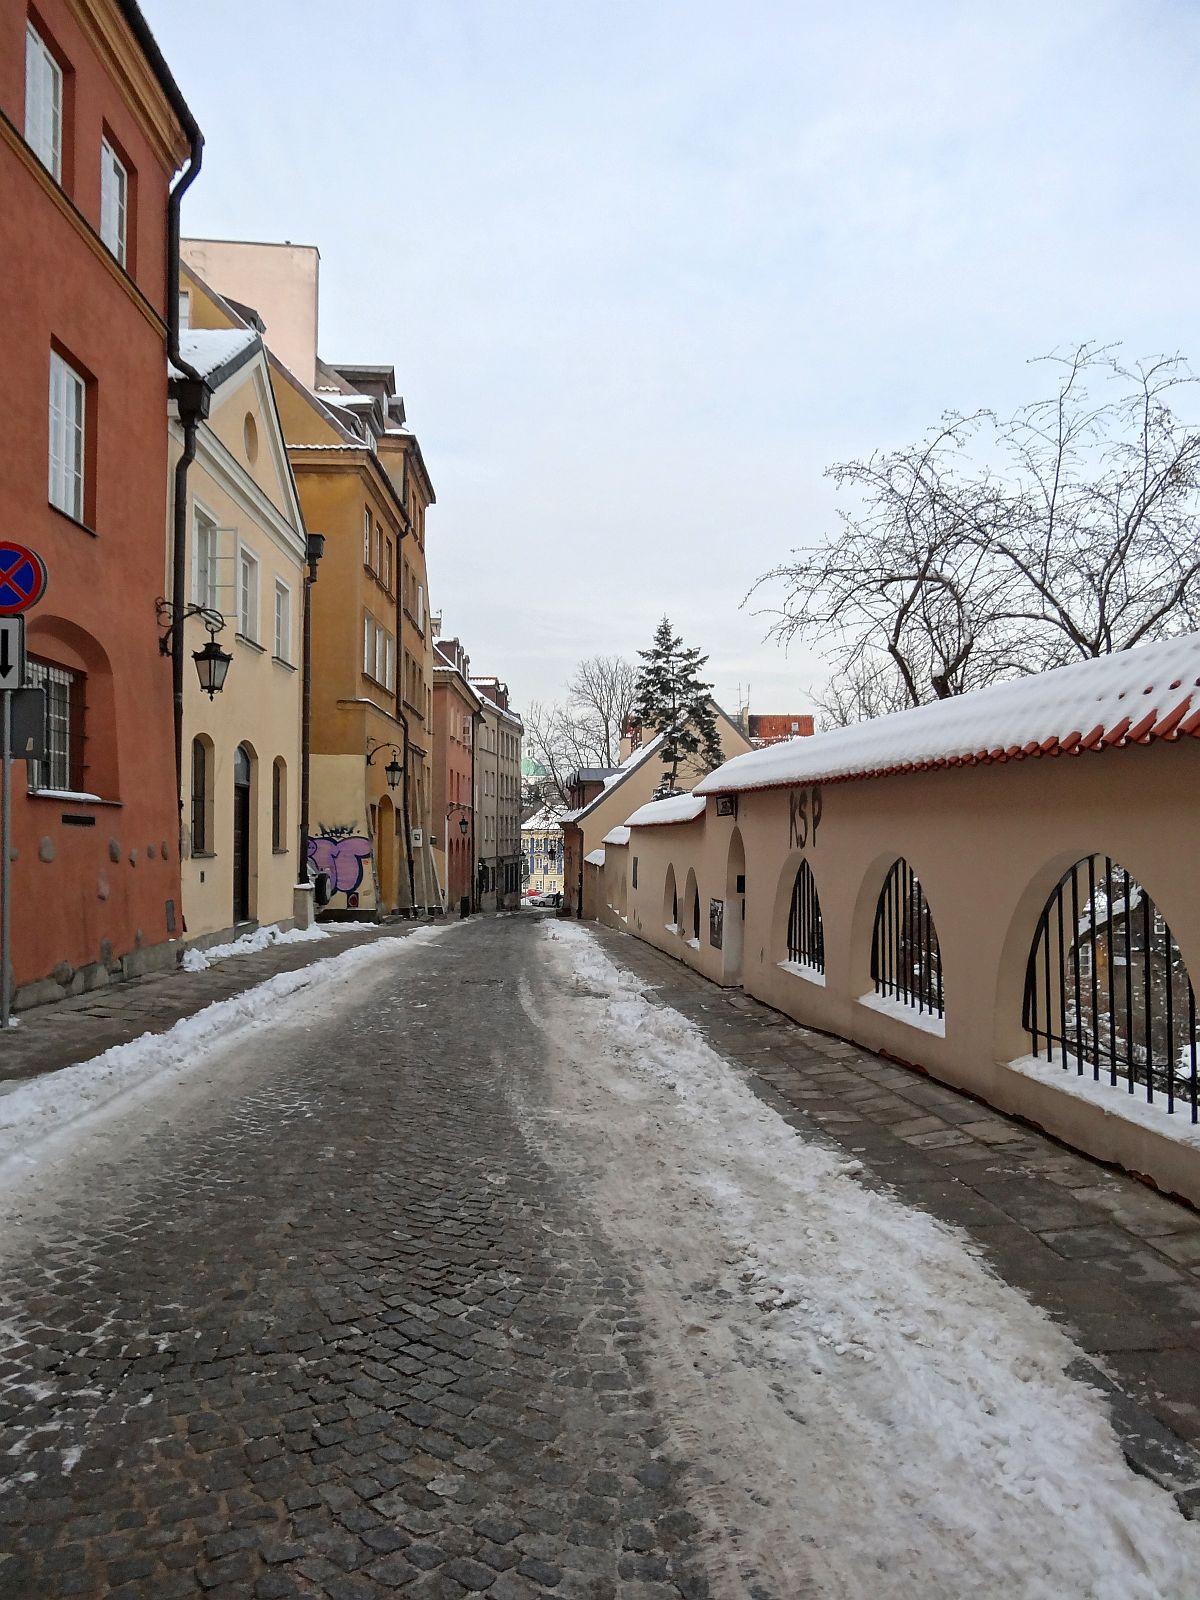 Ulice Starego Miasta. Brzozowa